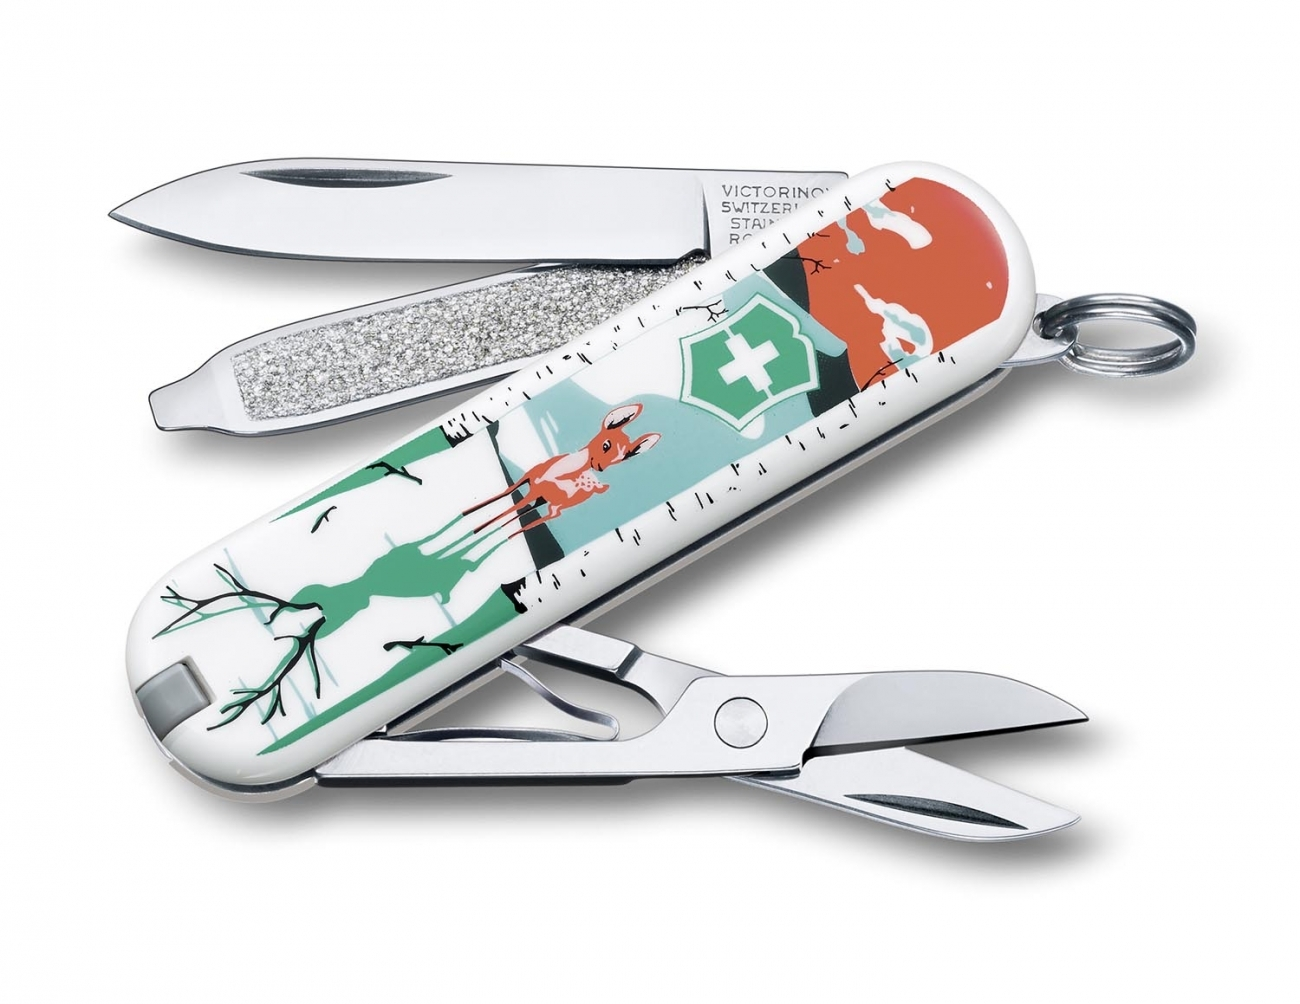 Нож перочинный Victorinox Classic LE2015 They ll Grow, Deer 7 функций 58 ммШвейцарские ножи Victorinox<br>Брендовый нож-брелок Victorinox Classic 58мм с 7-ю функциями. Является миниатюрным вариантом легендарного швейцарского ножа. Нож имеет кольцо на которое можно подвесить ключи.<br>